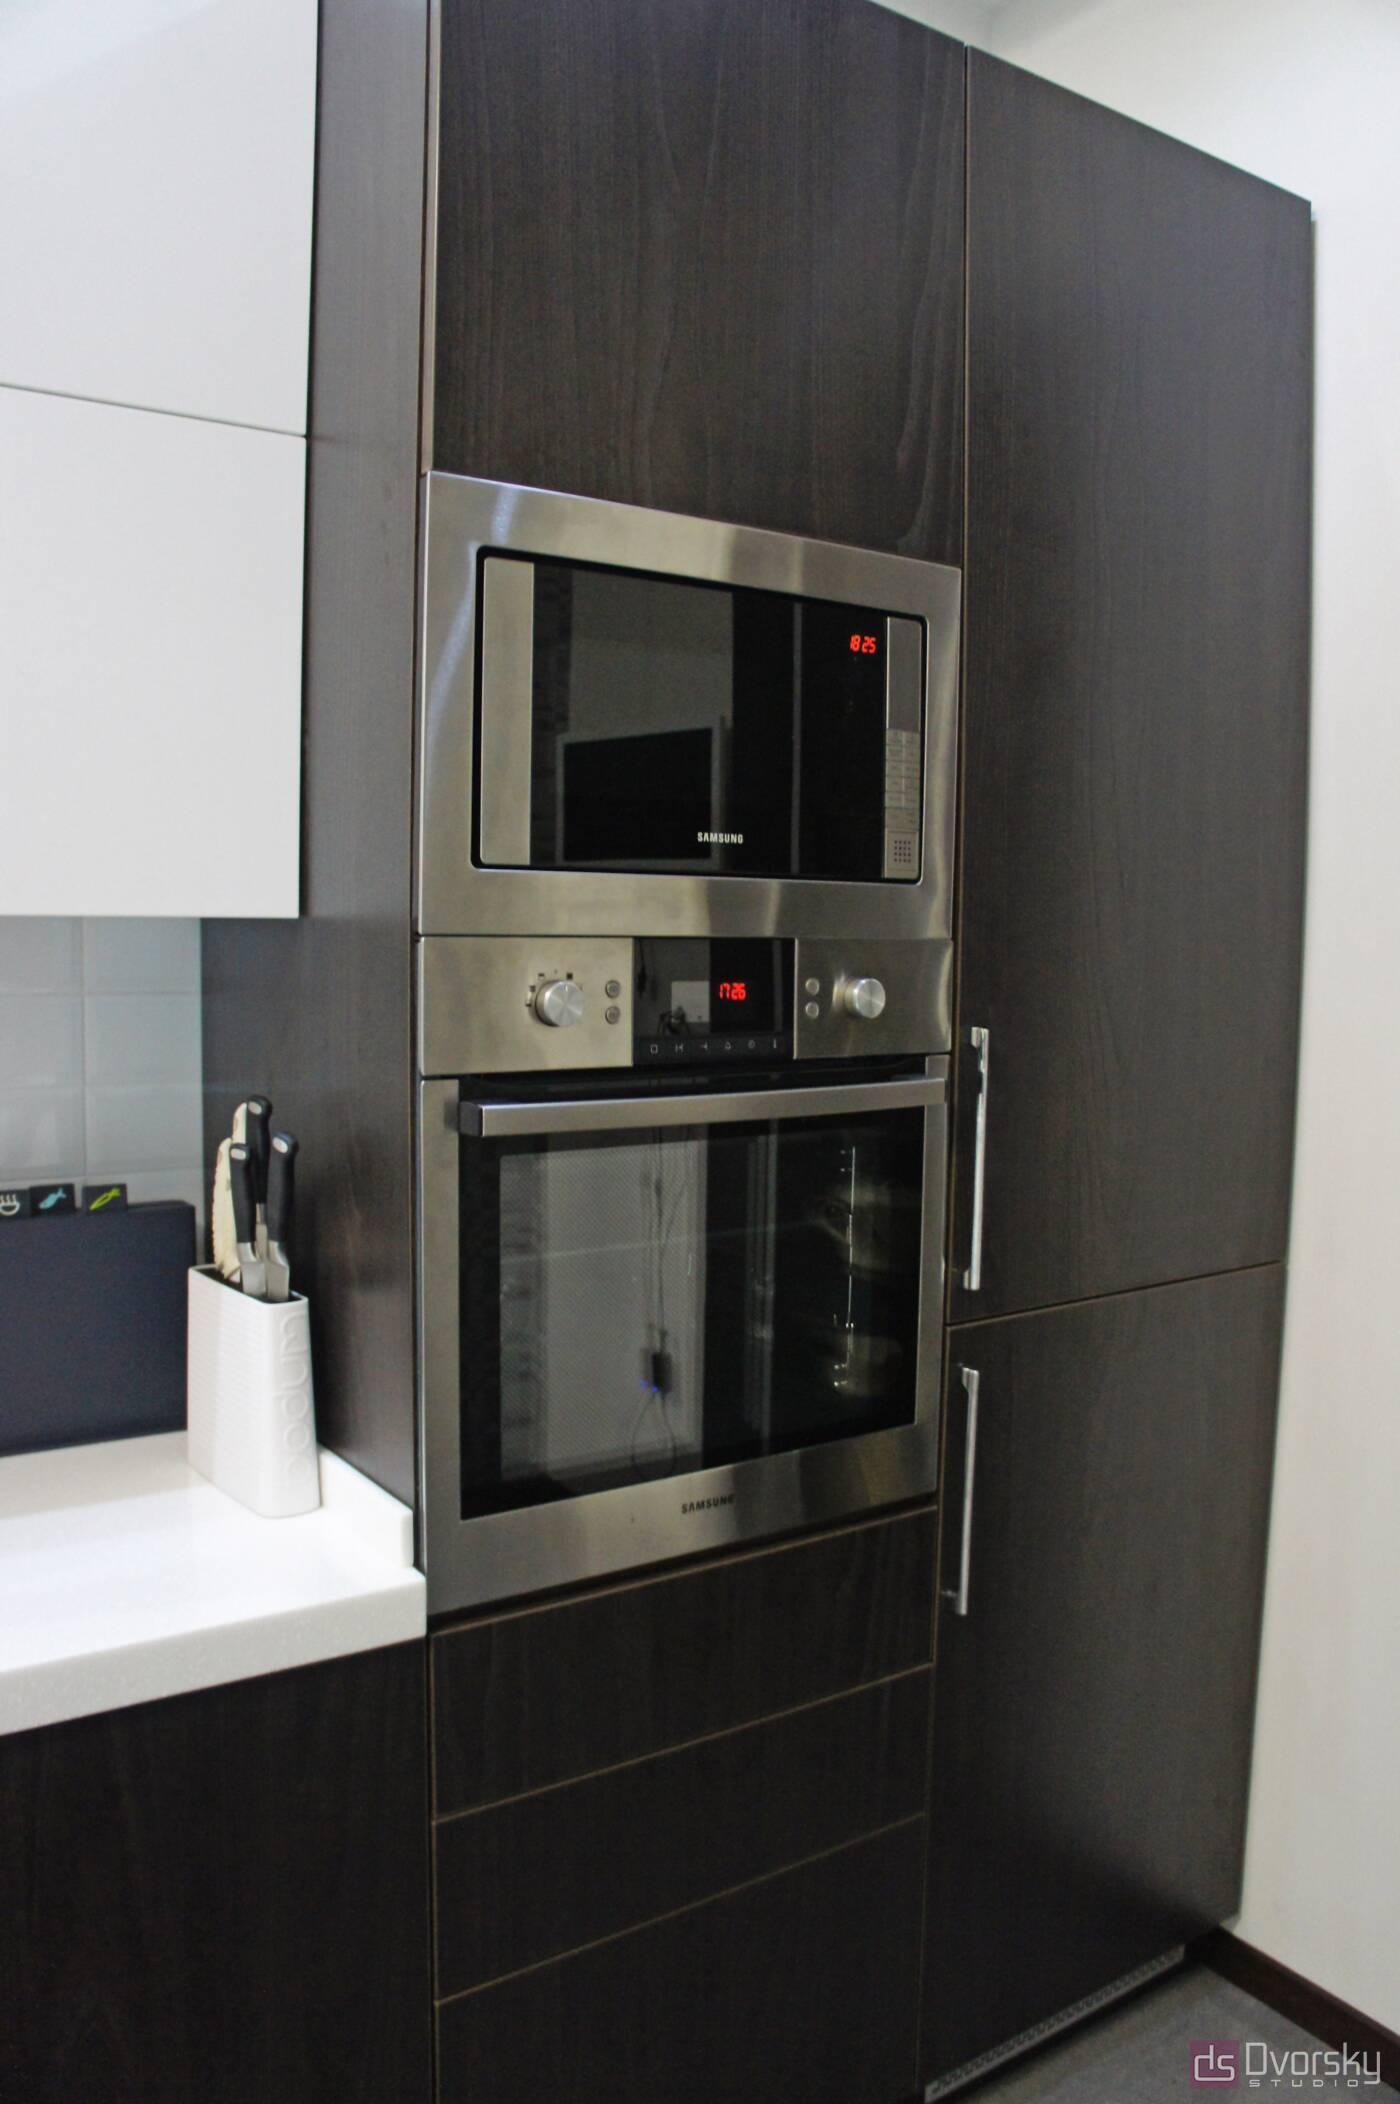 Прямі кухні Кухня з електроприводом - Фото № 3